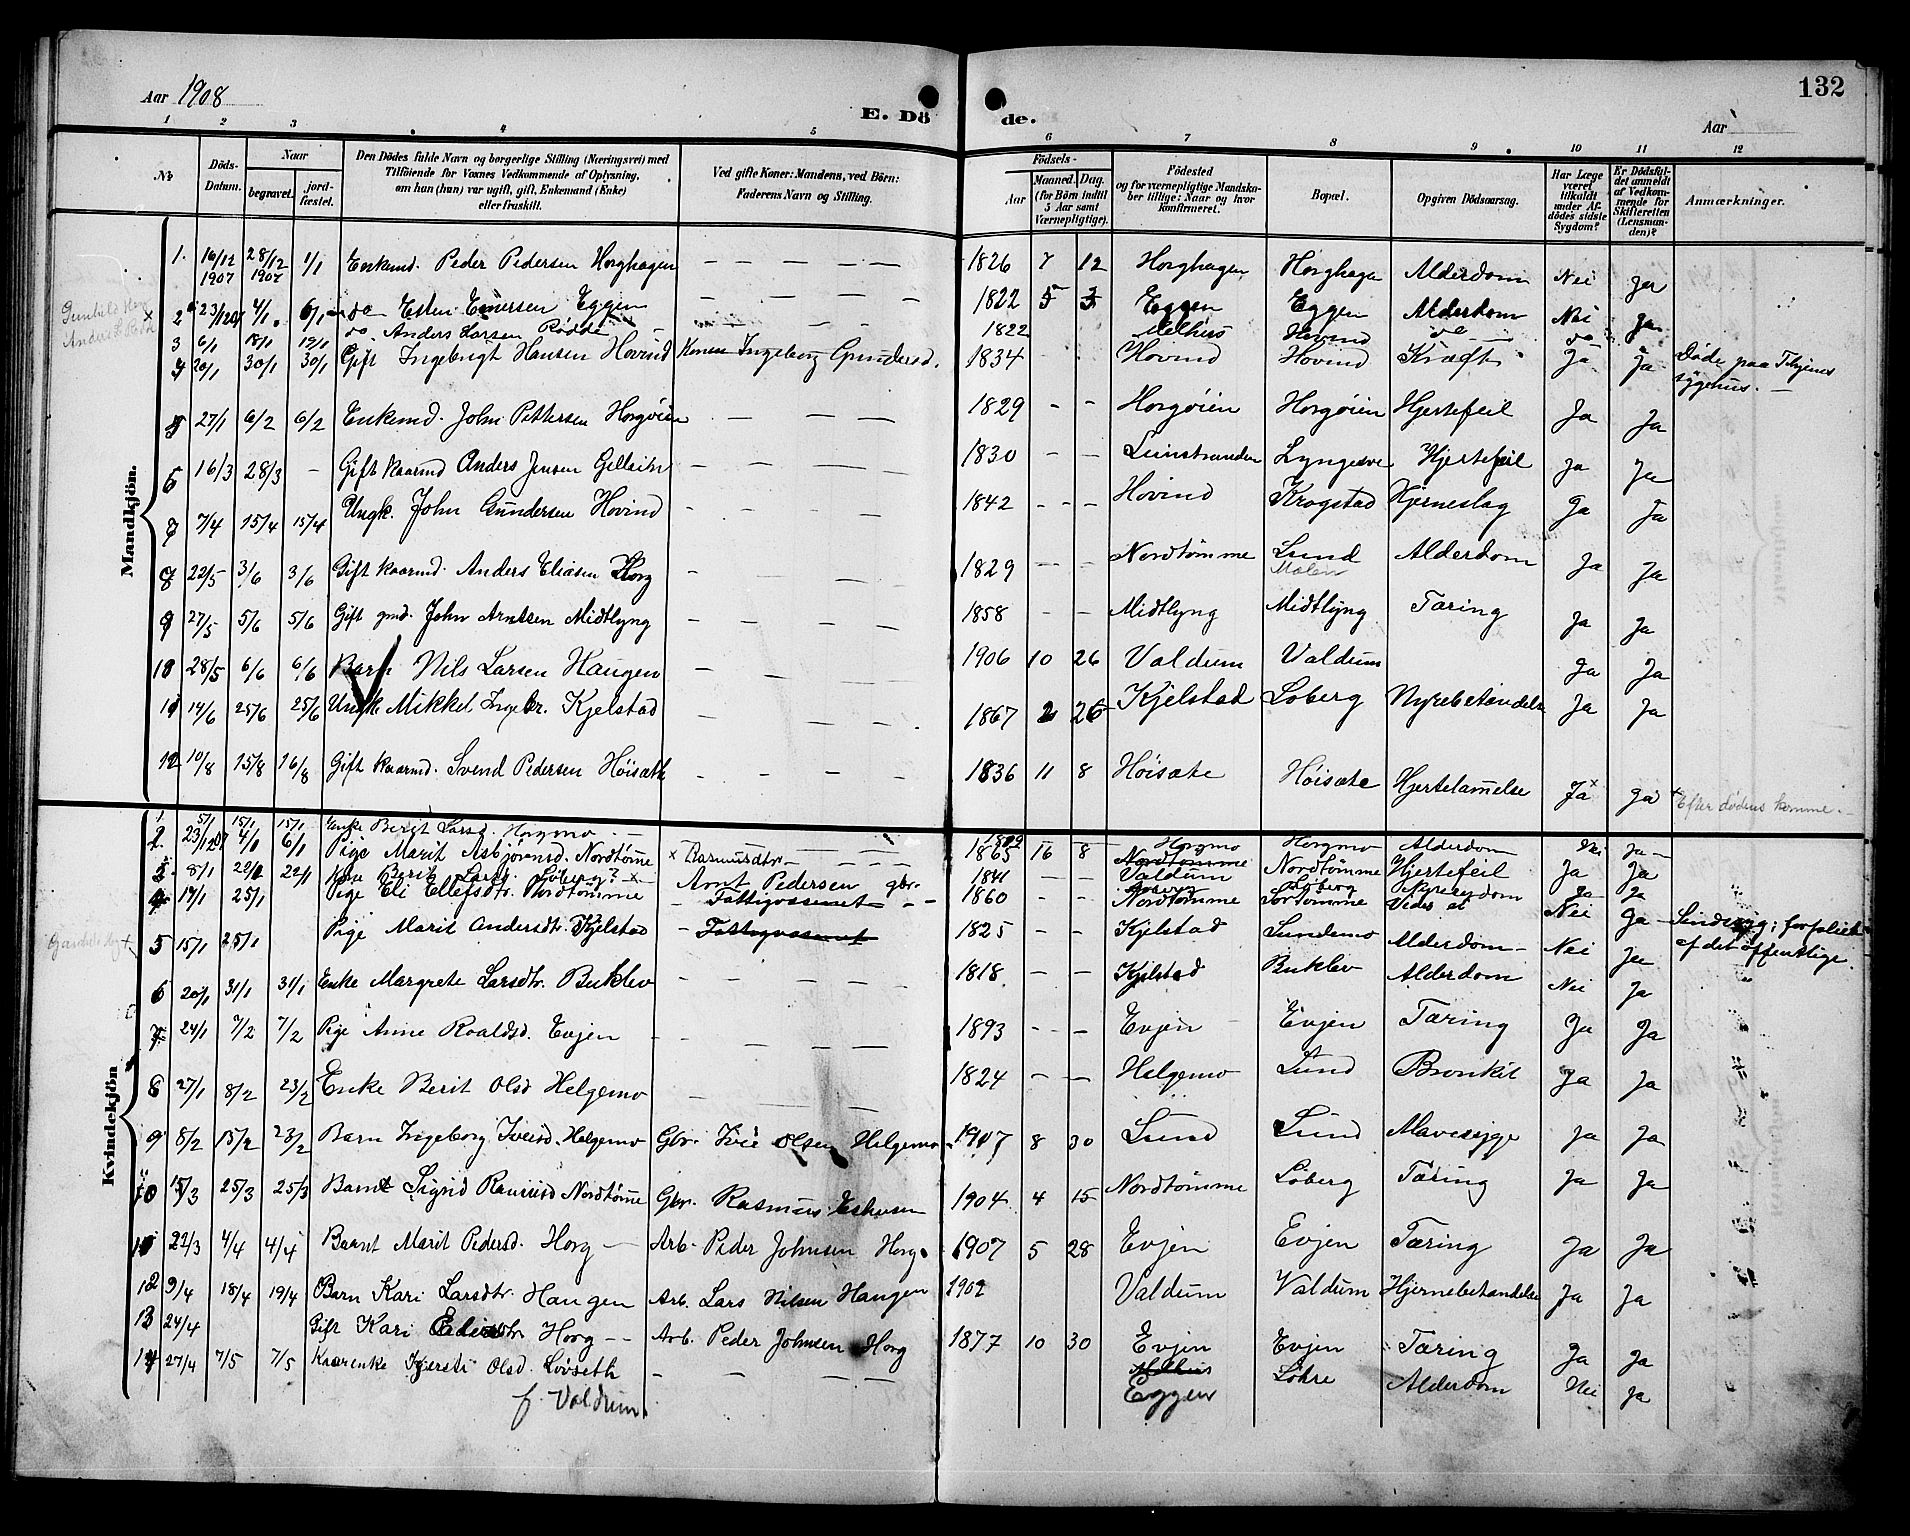 SAT, Ministerialprotokoller, klokkerbøker og fødselsregistre - Sør-Trøndelag, 692/L1112: Klokkerbok nr. 692C07, 1904-1918, s. 132